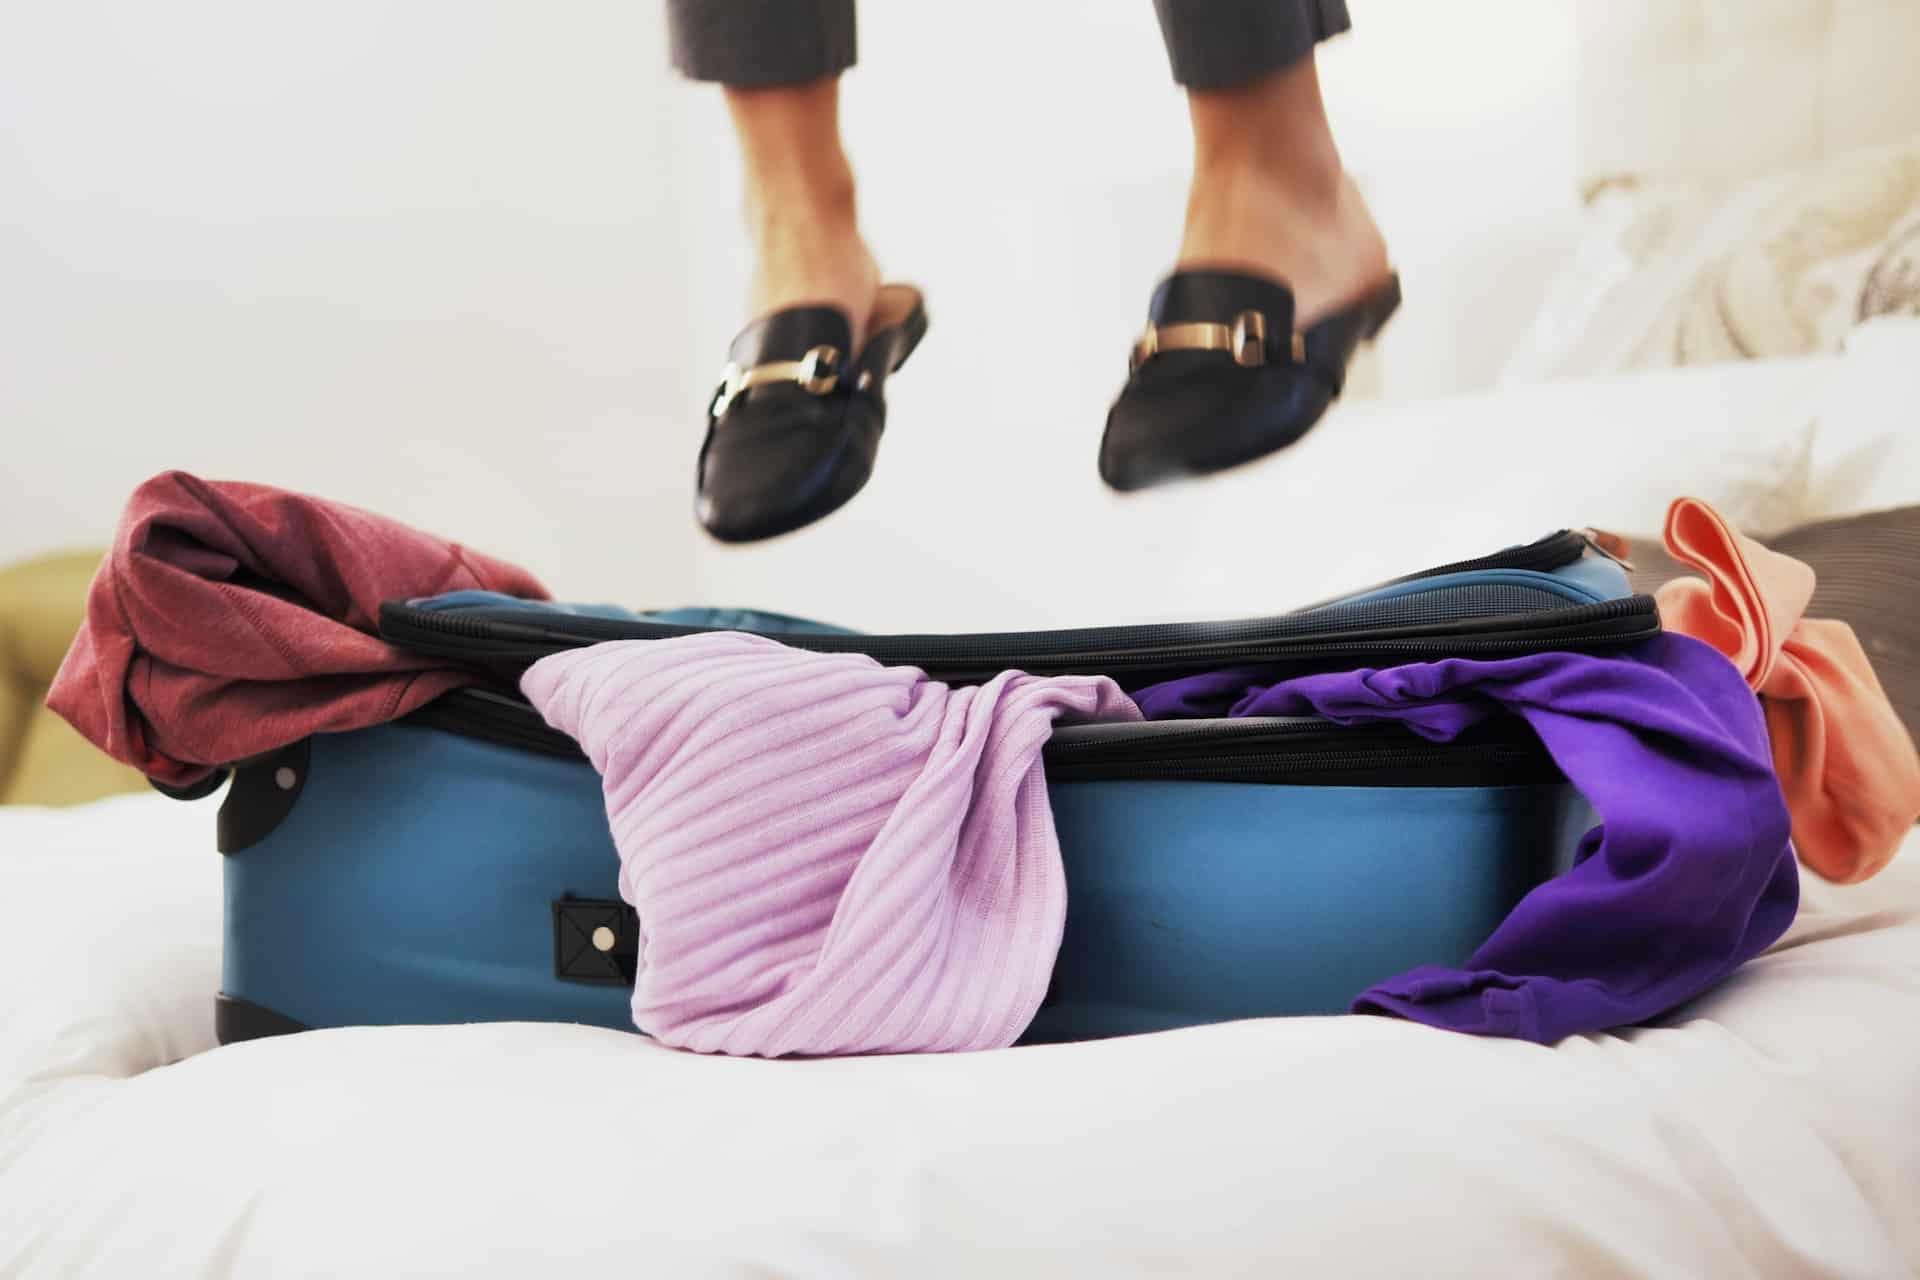 Frau springt auf Koffer